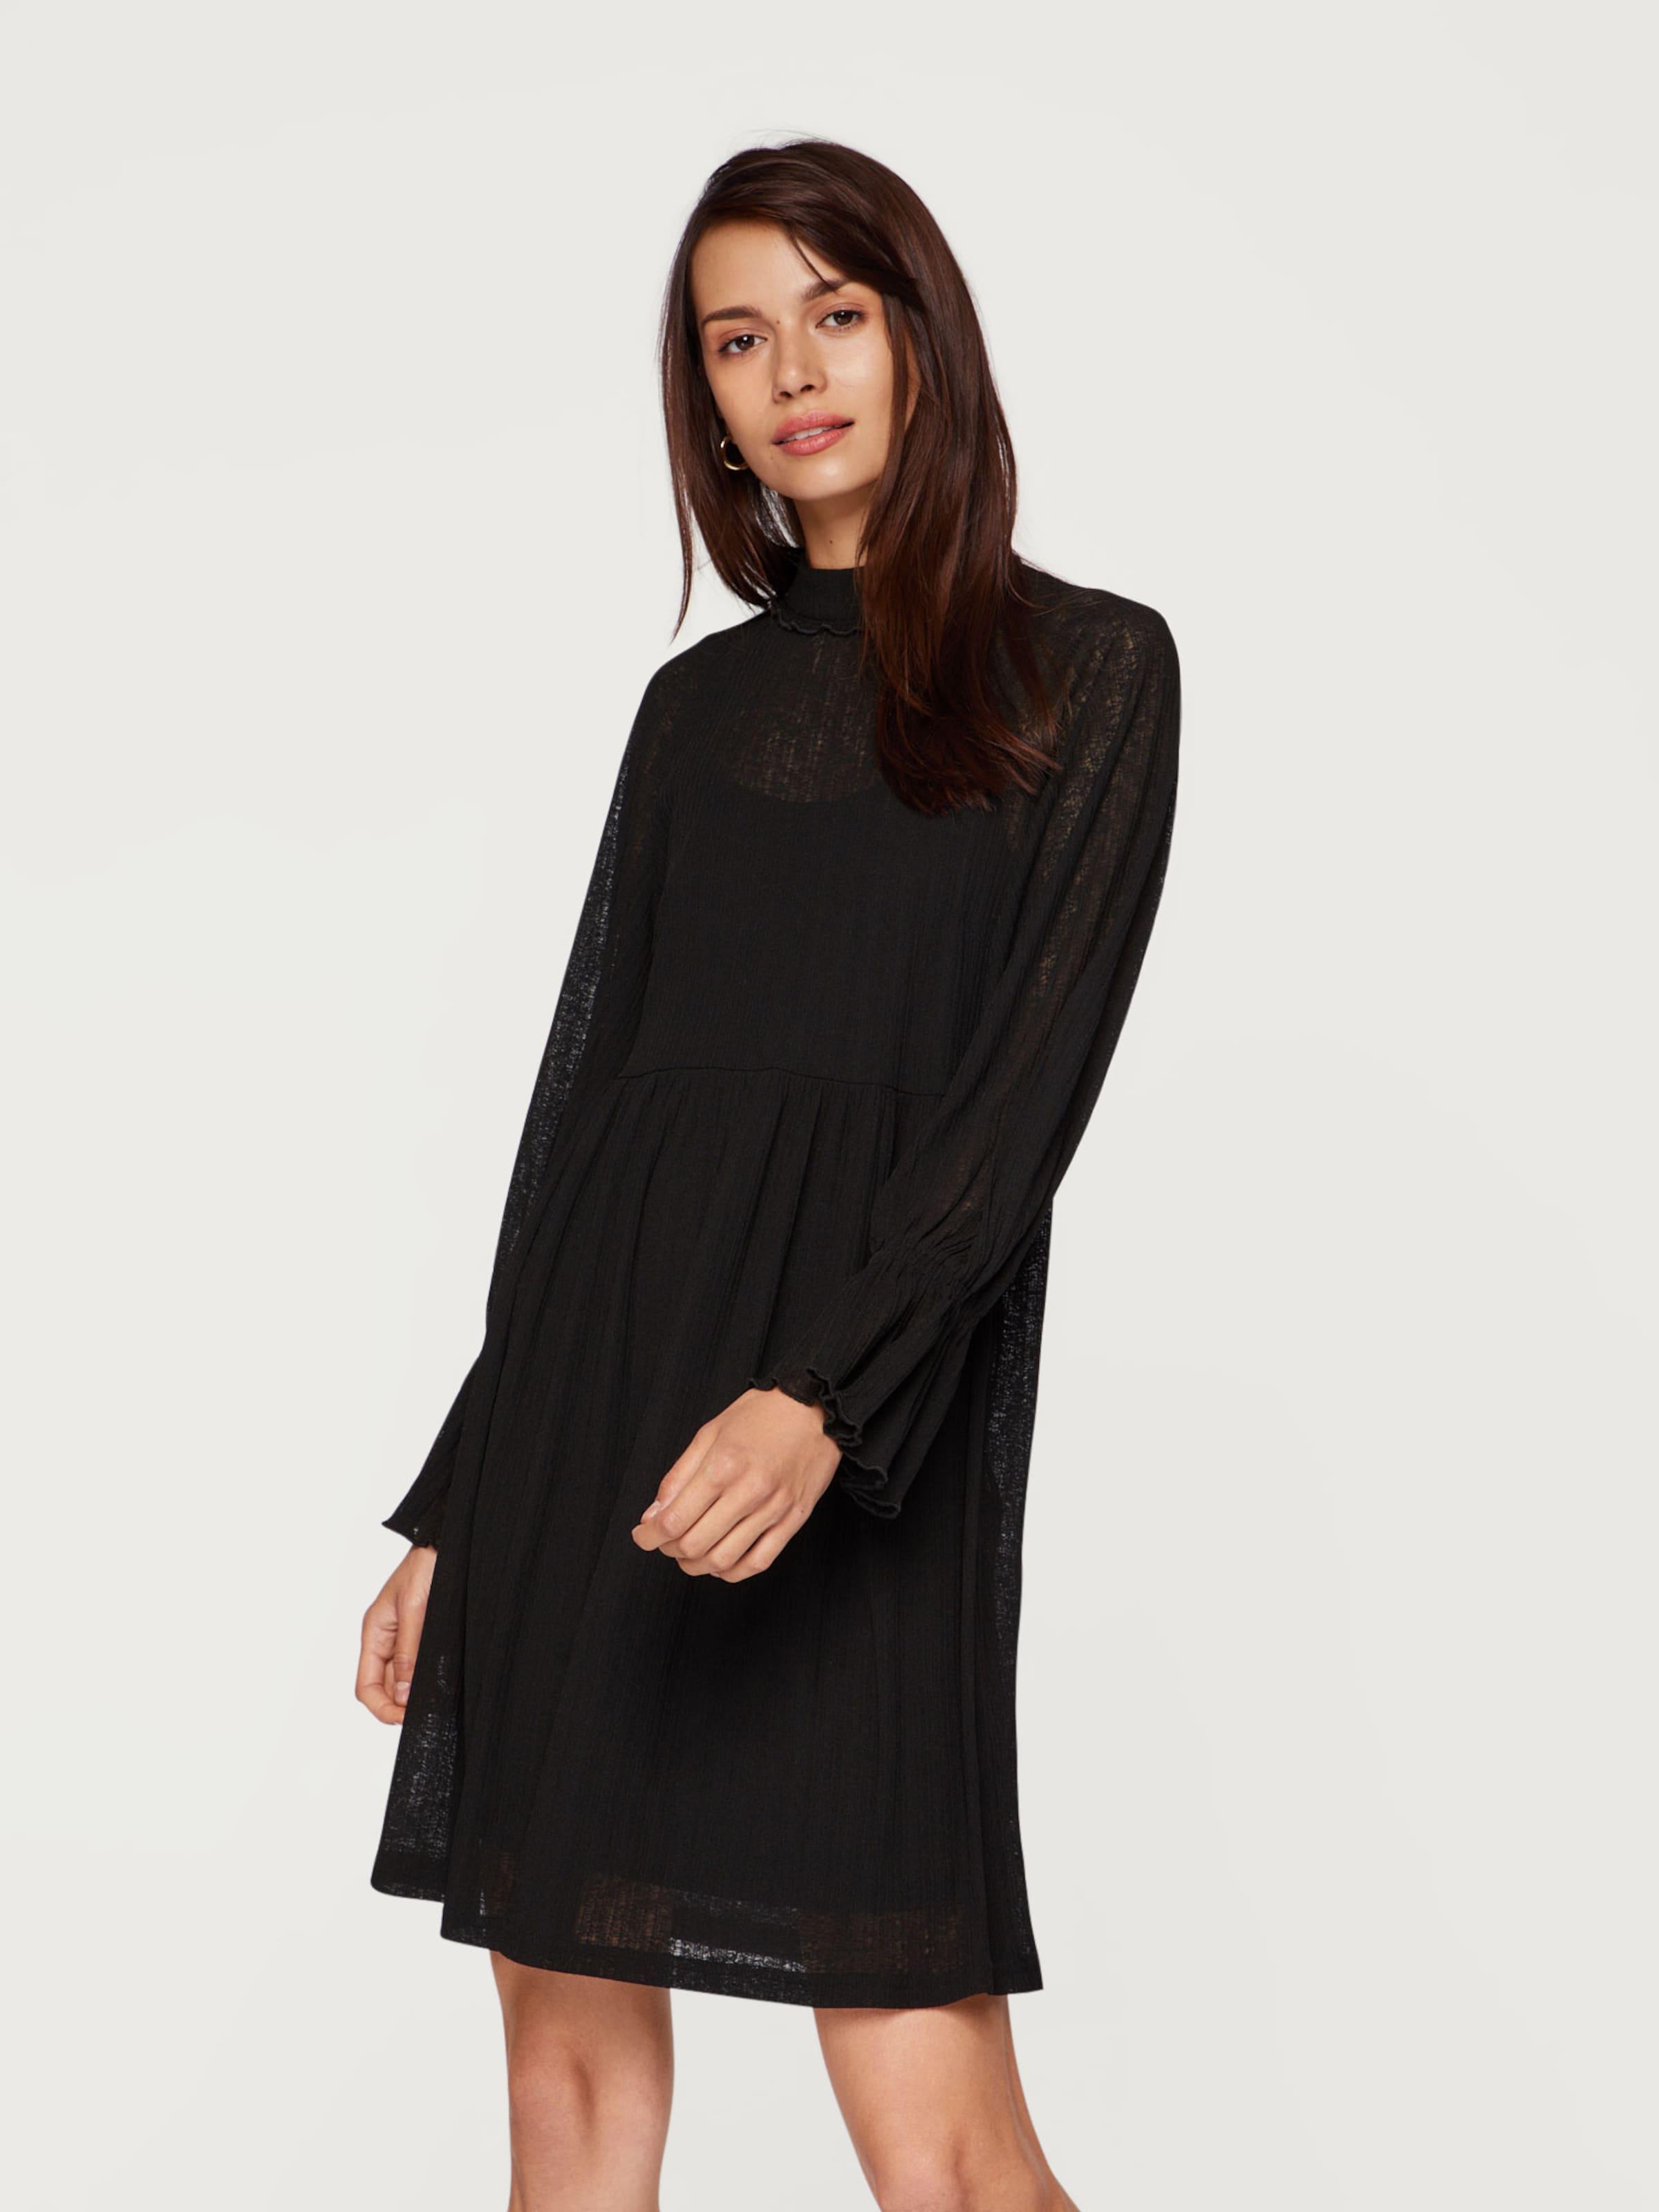 Kleider online bestellen mit ruckgaberecht